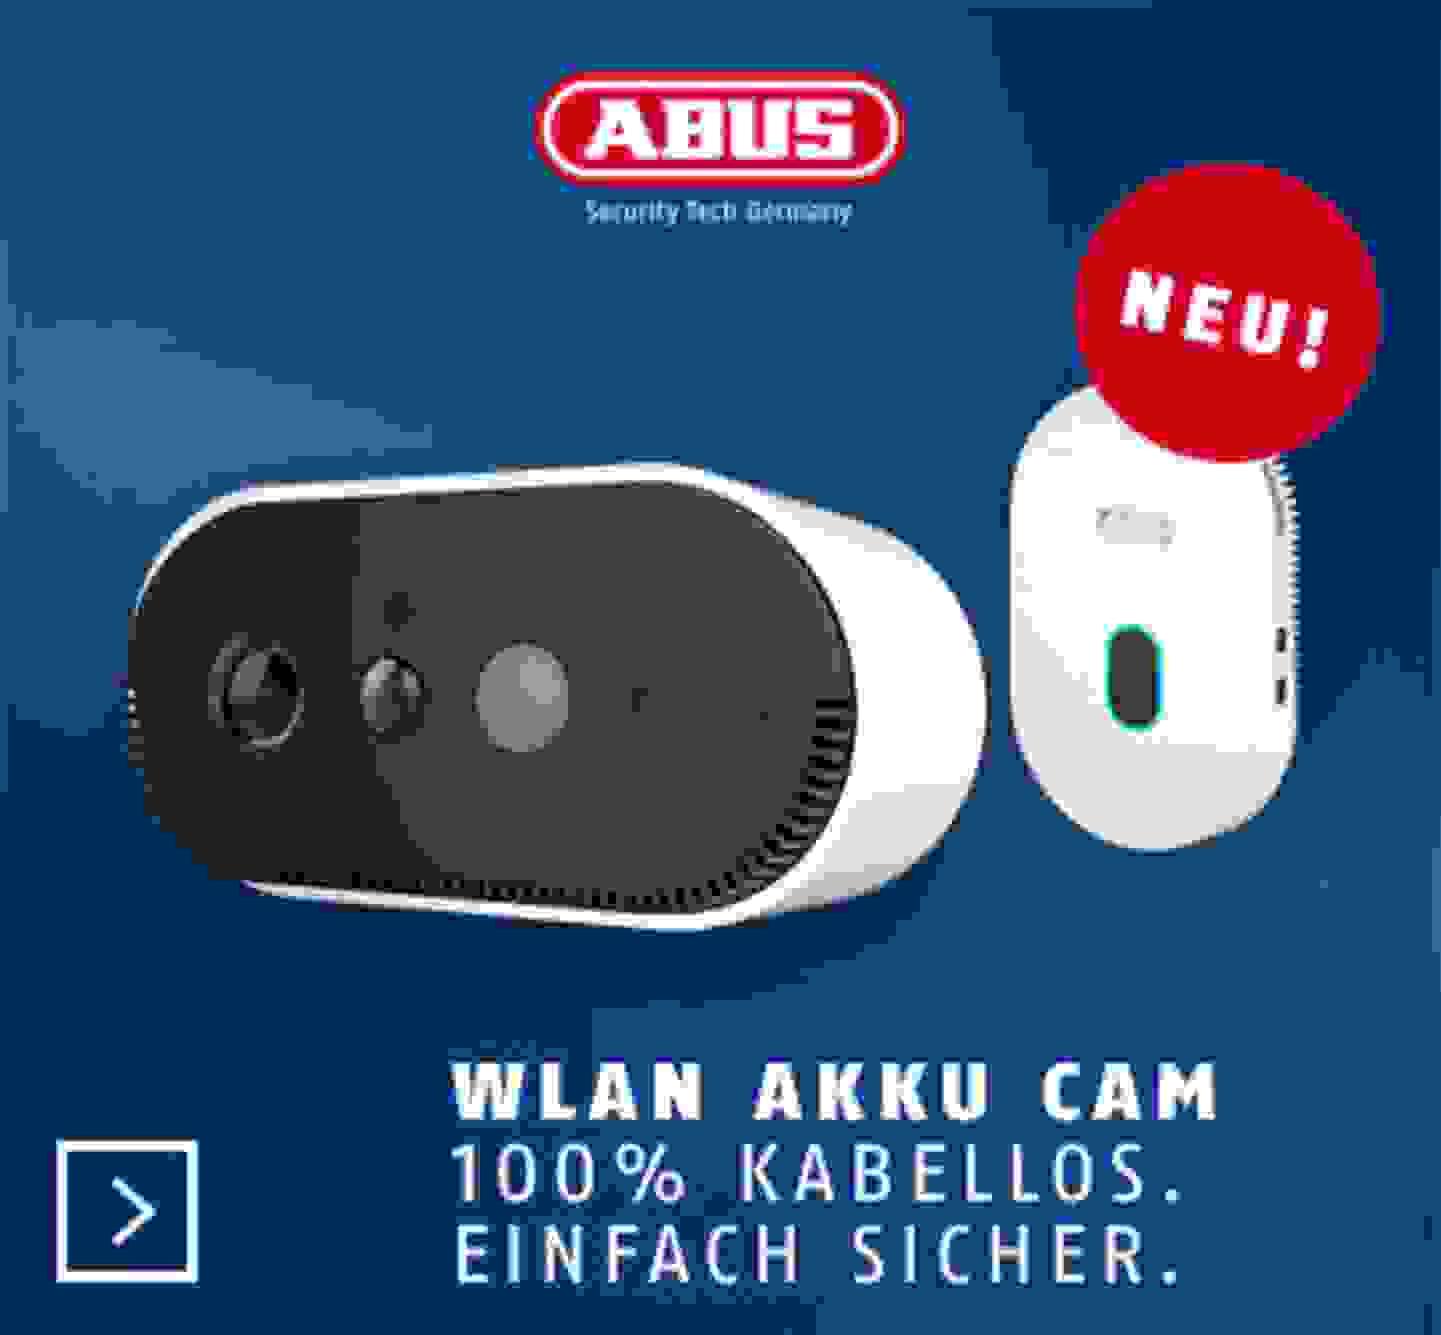 ABUS Akku Cam